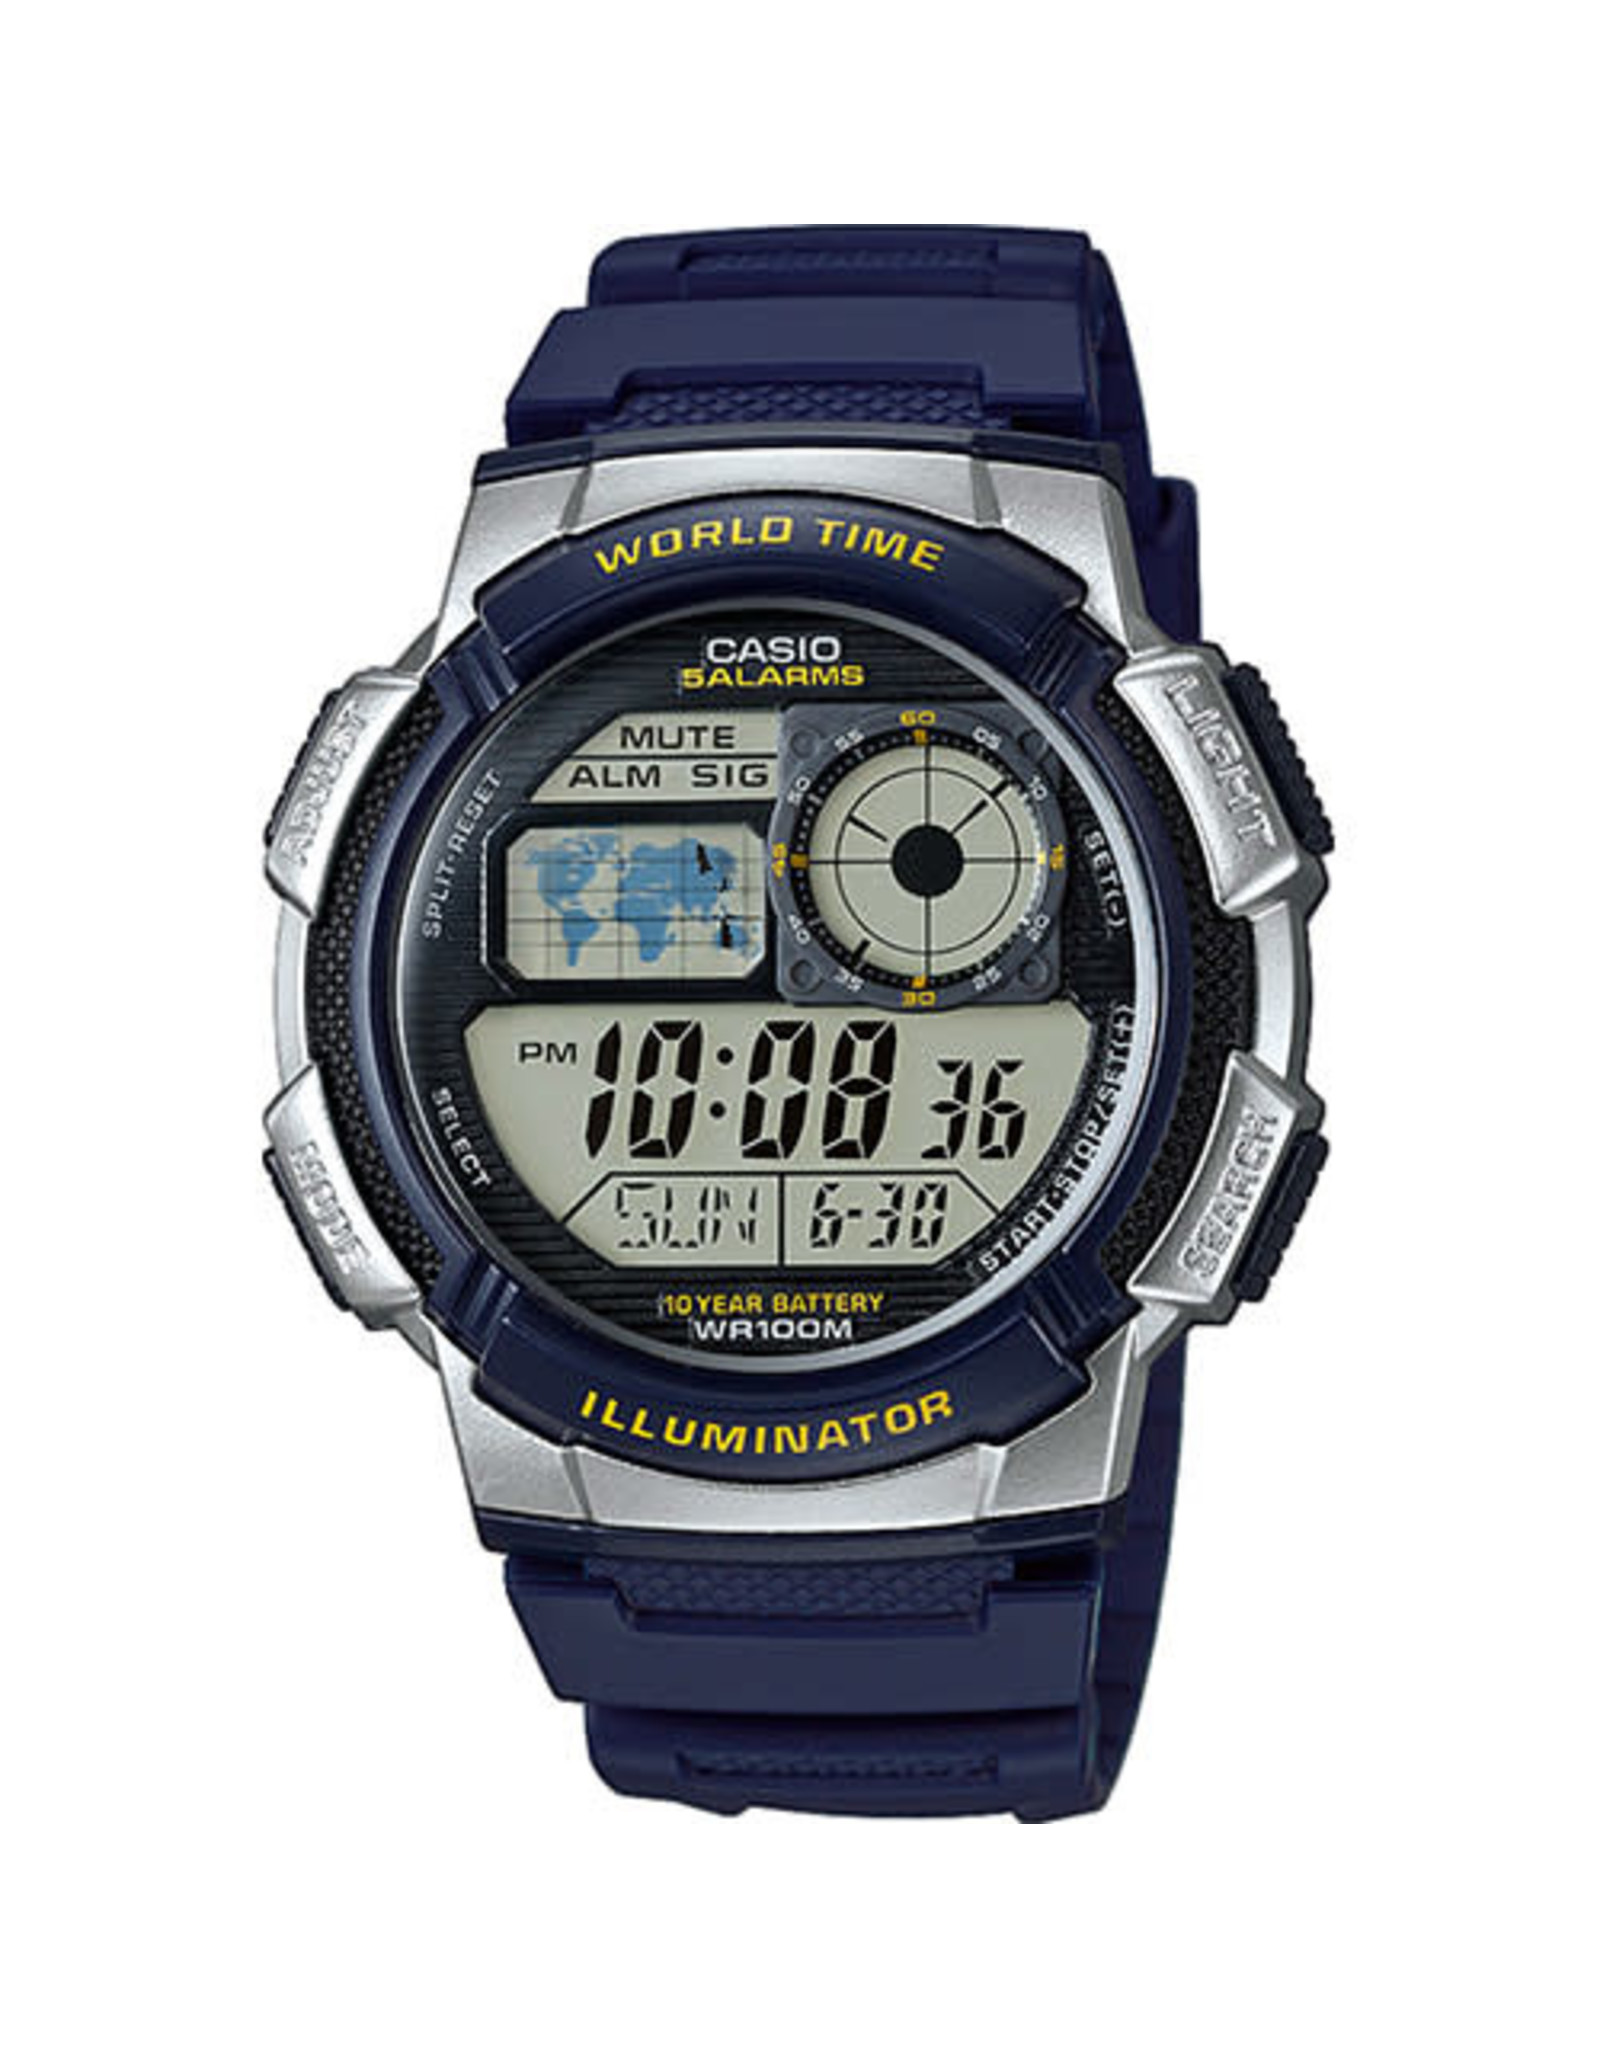 Casio Casio AE-1000W-2AVEF World Time